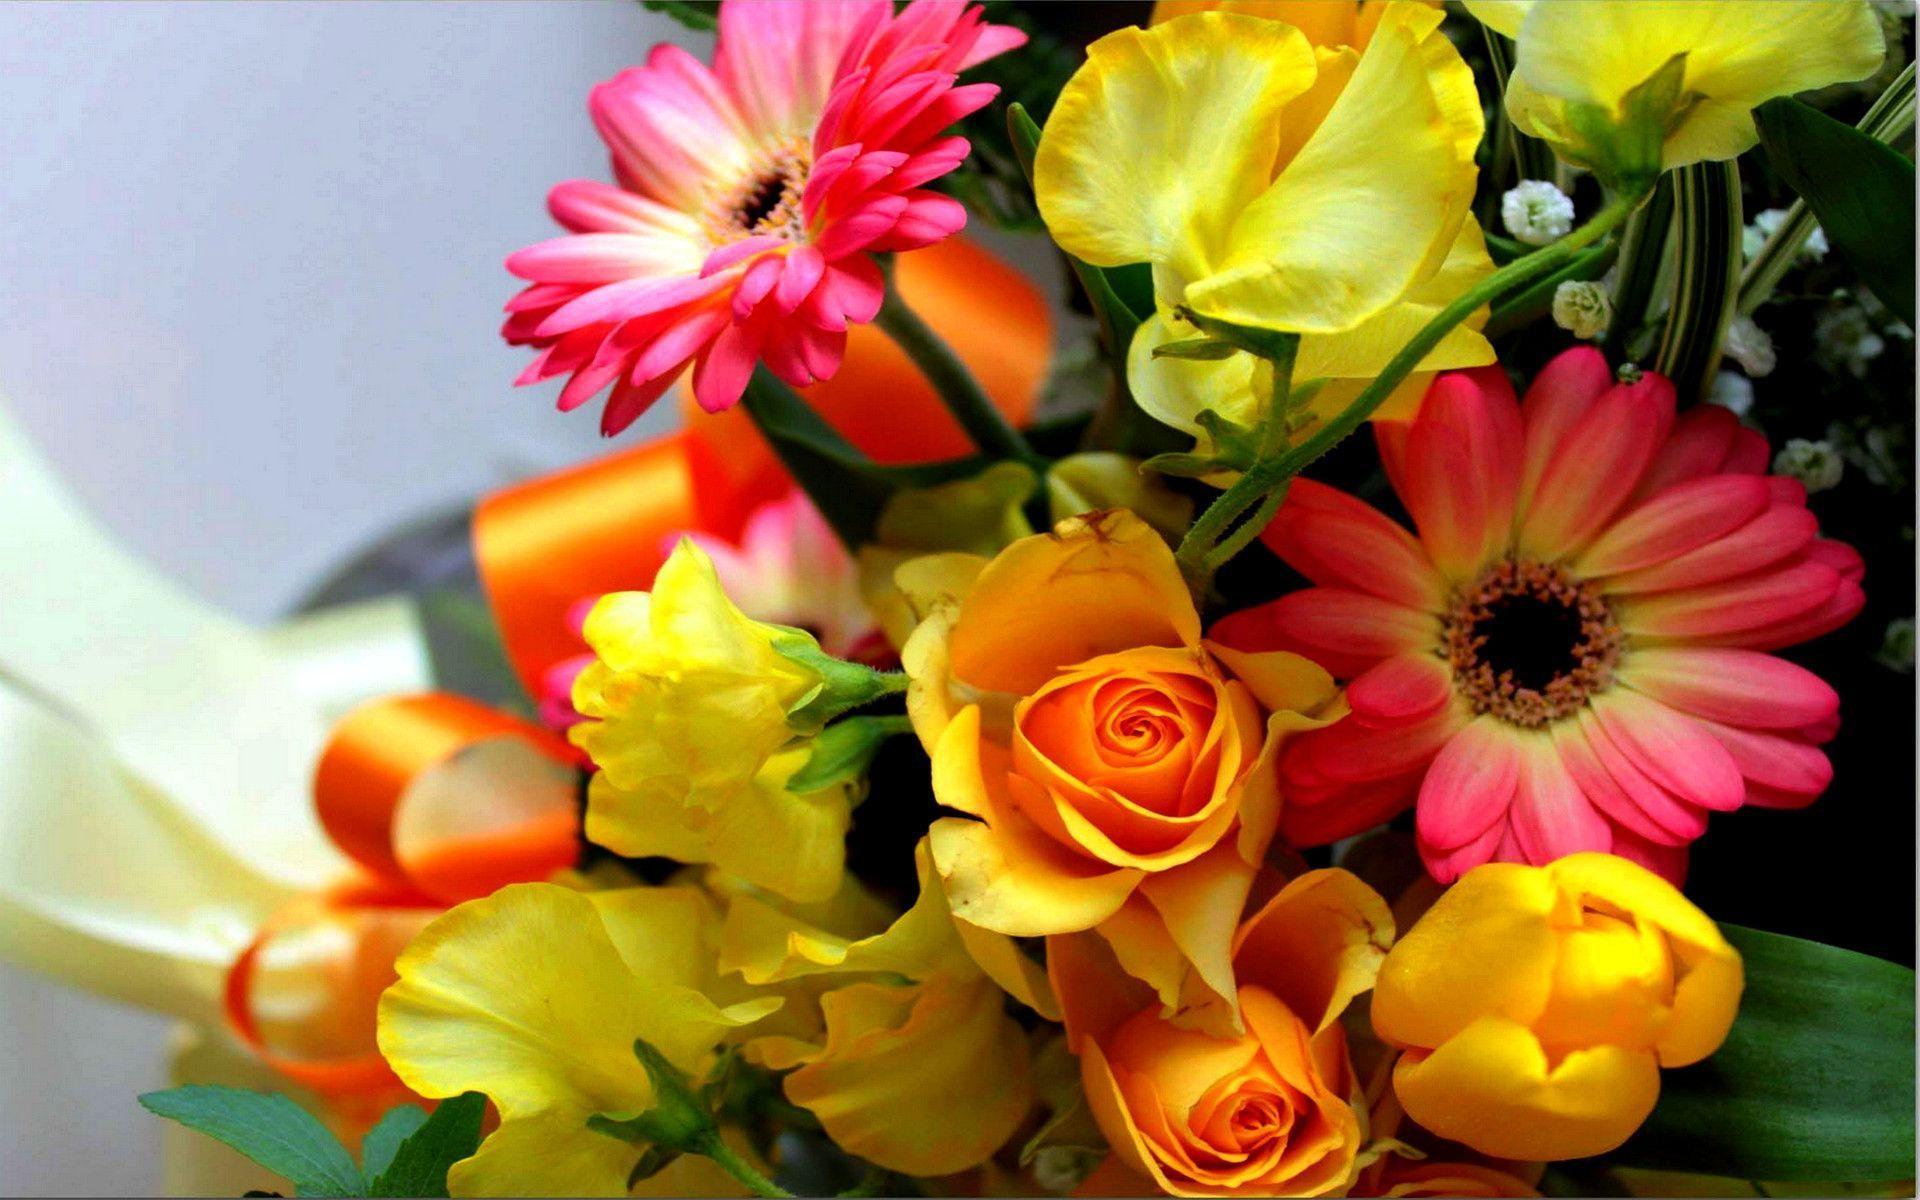 Sendflowerstomumbai send flowers to mumbai through buy flower get sendflowerstomumbai send flowers to mumbai through buy flower get same day flowers delivery mumbai online florist mumbai florist in mumbai mumbai online izmirmasajfo